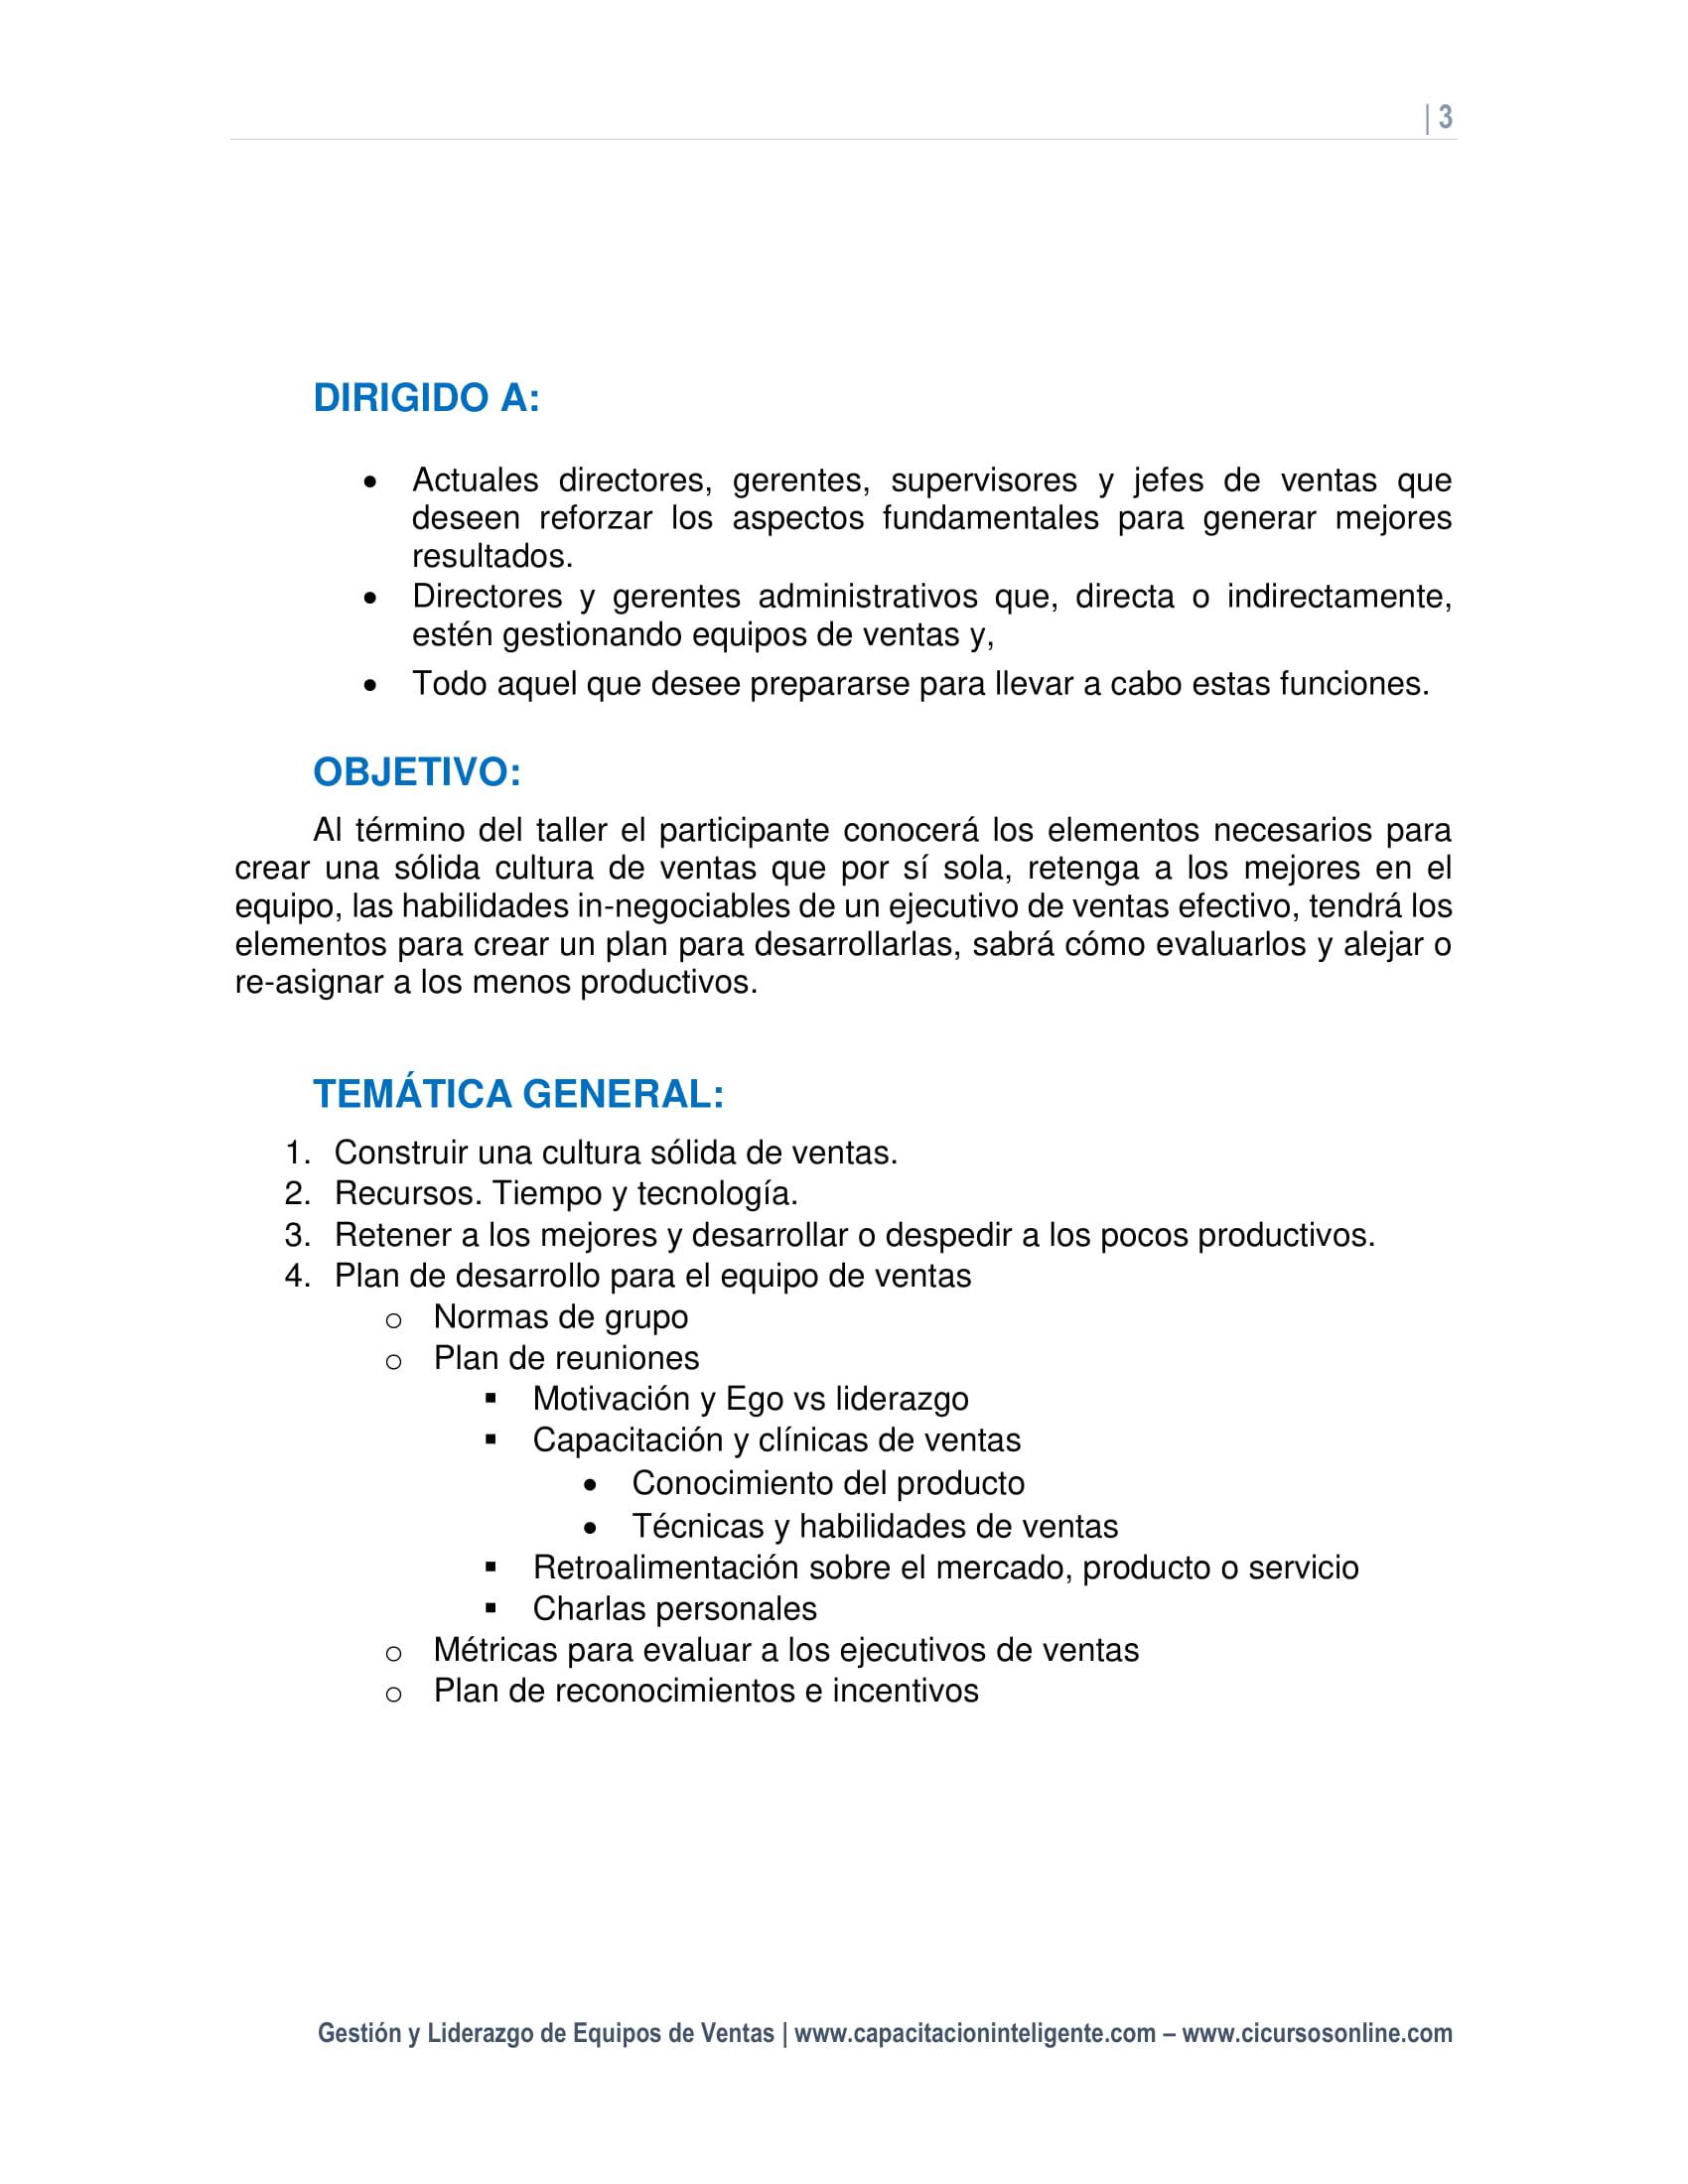 Cuaderno de Trabajo - Gestión y Liderazgo de equipos de ventas-03